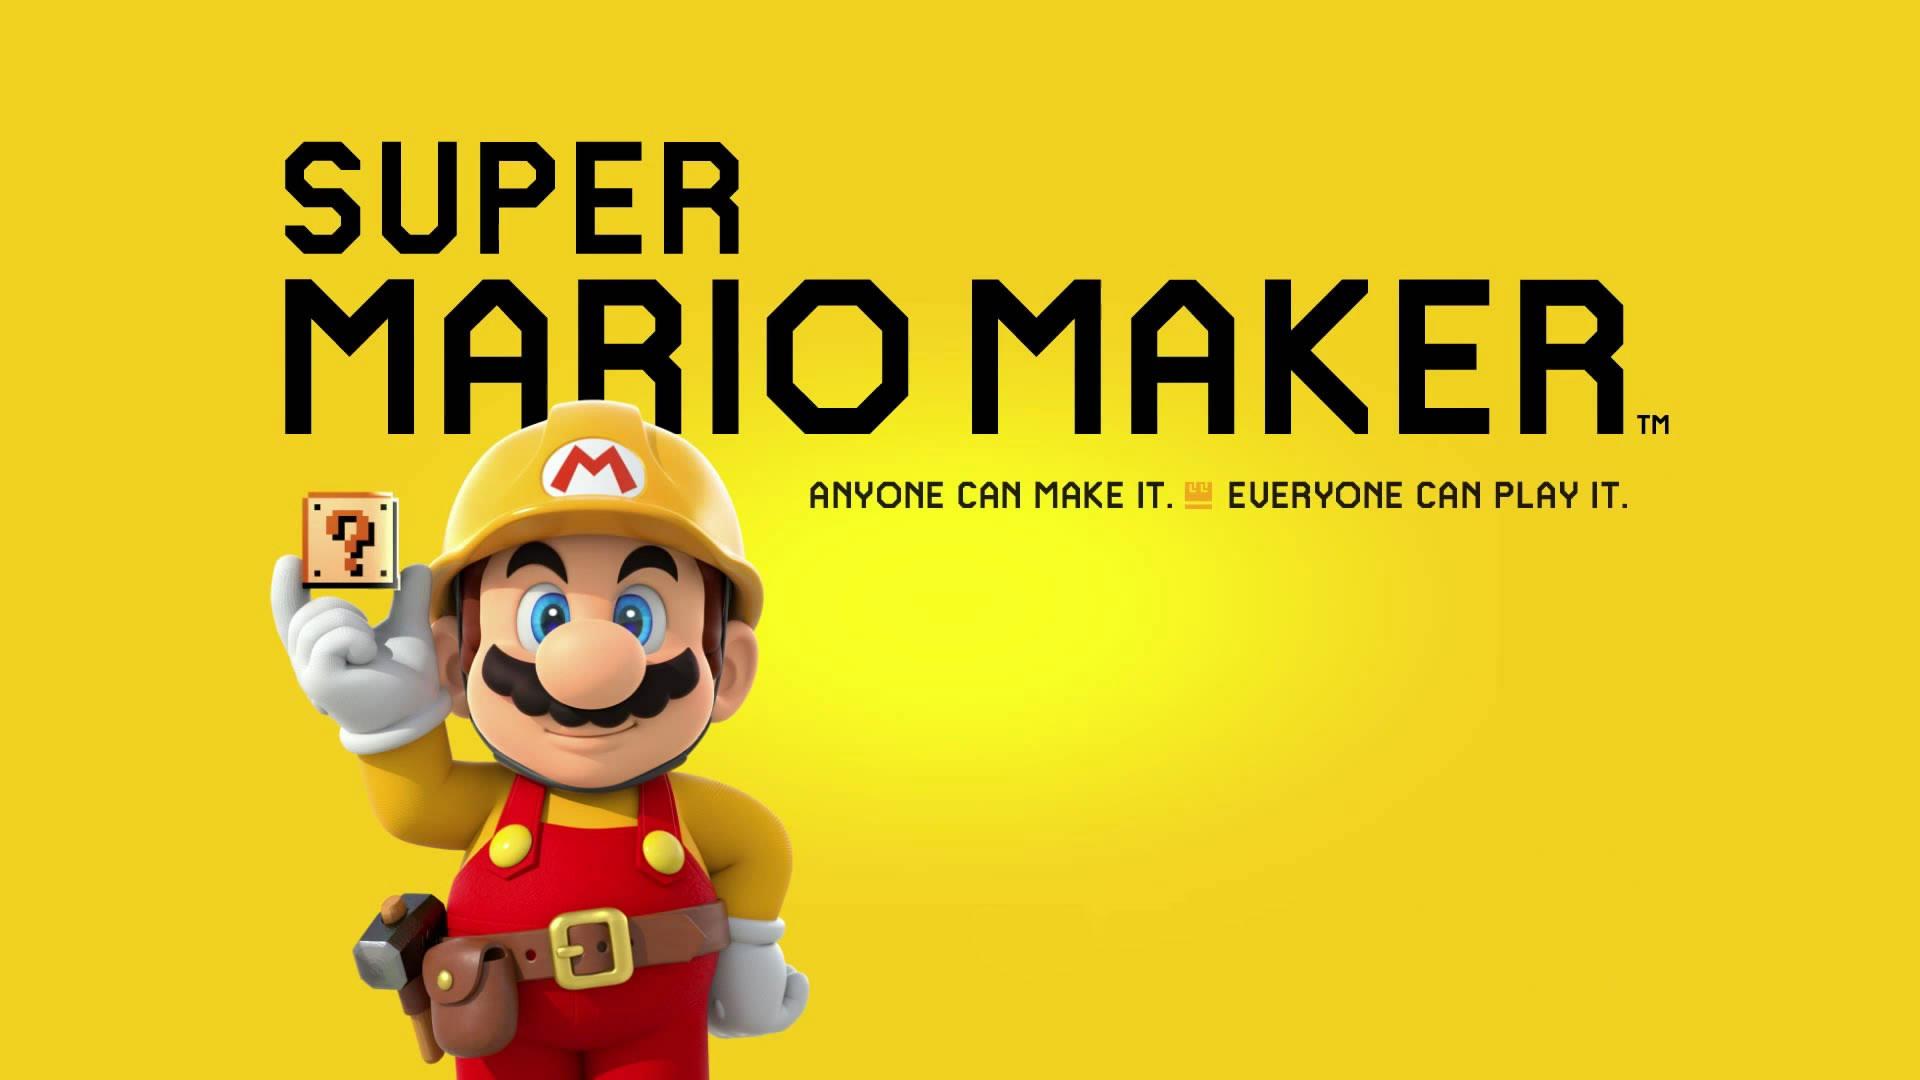 10 Mario Challenge - Super Mario Maker